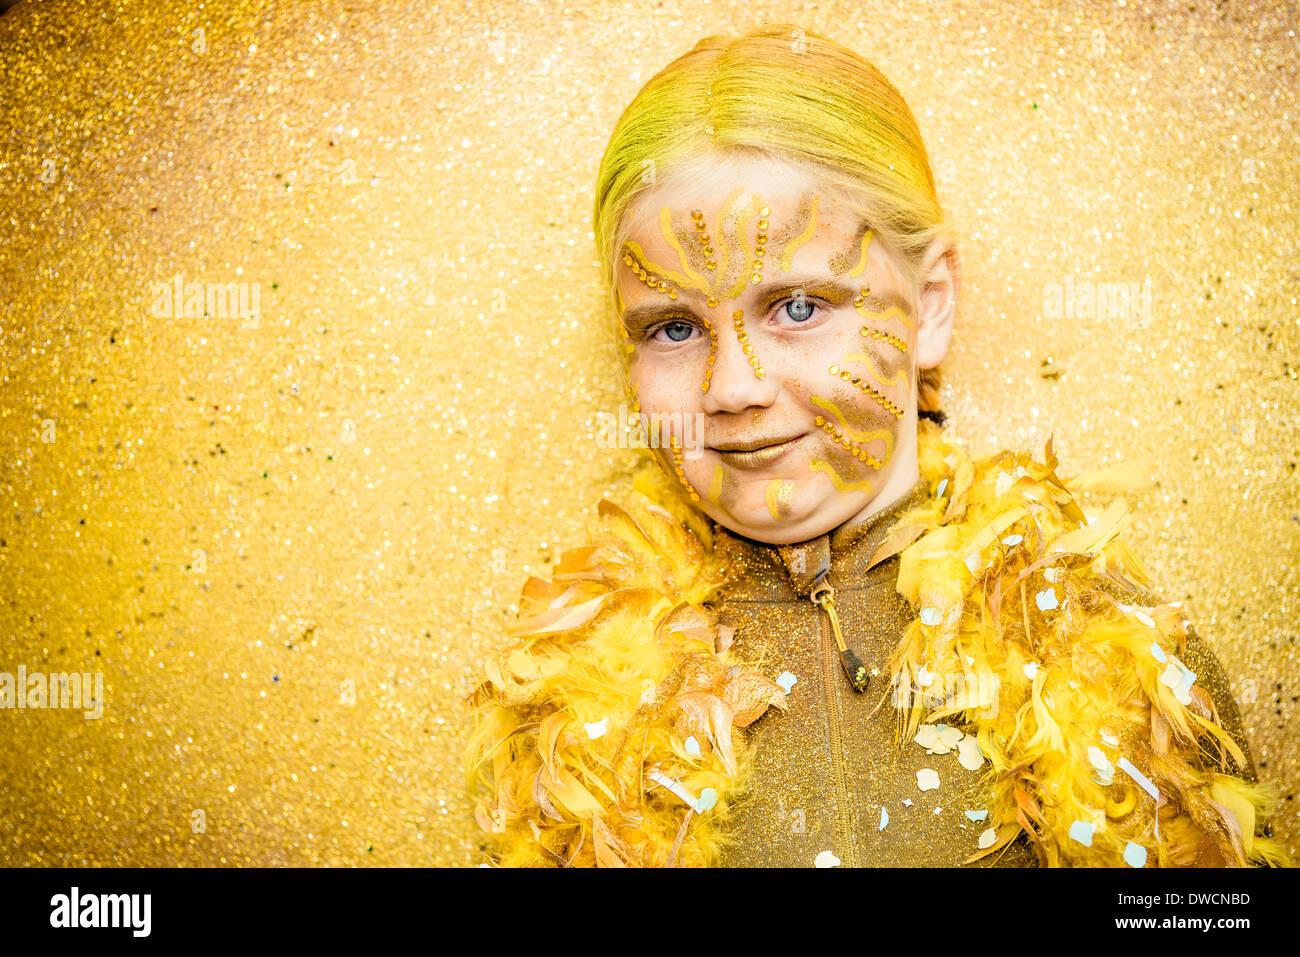 Sitges, España. Marzo 4th, 2014: una niña en un traje de fantasía danzas de los niños durante Imagen De Stock